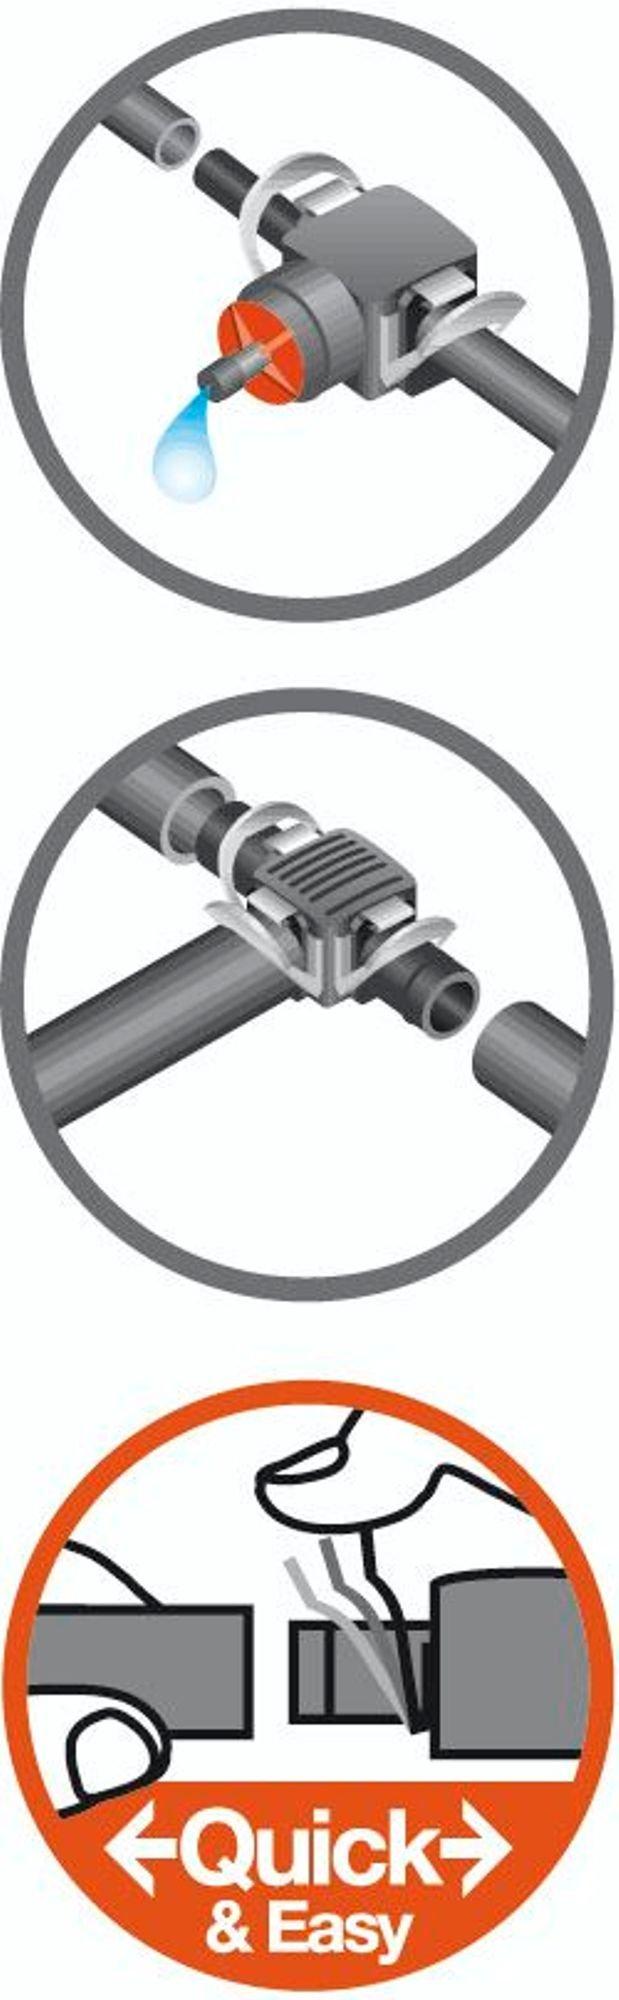 Gardena Micro-Drip-System T-Stück für Sprühdüsen, 4.6 mm (3/16 Zoll): Rohrverbindung für definierte Fixierung der…